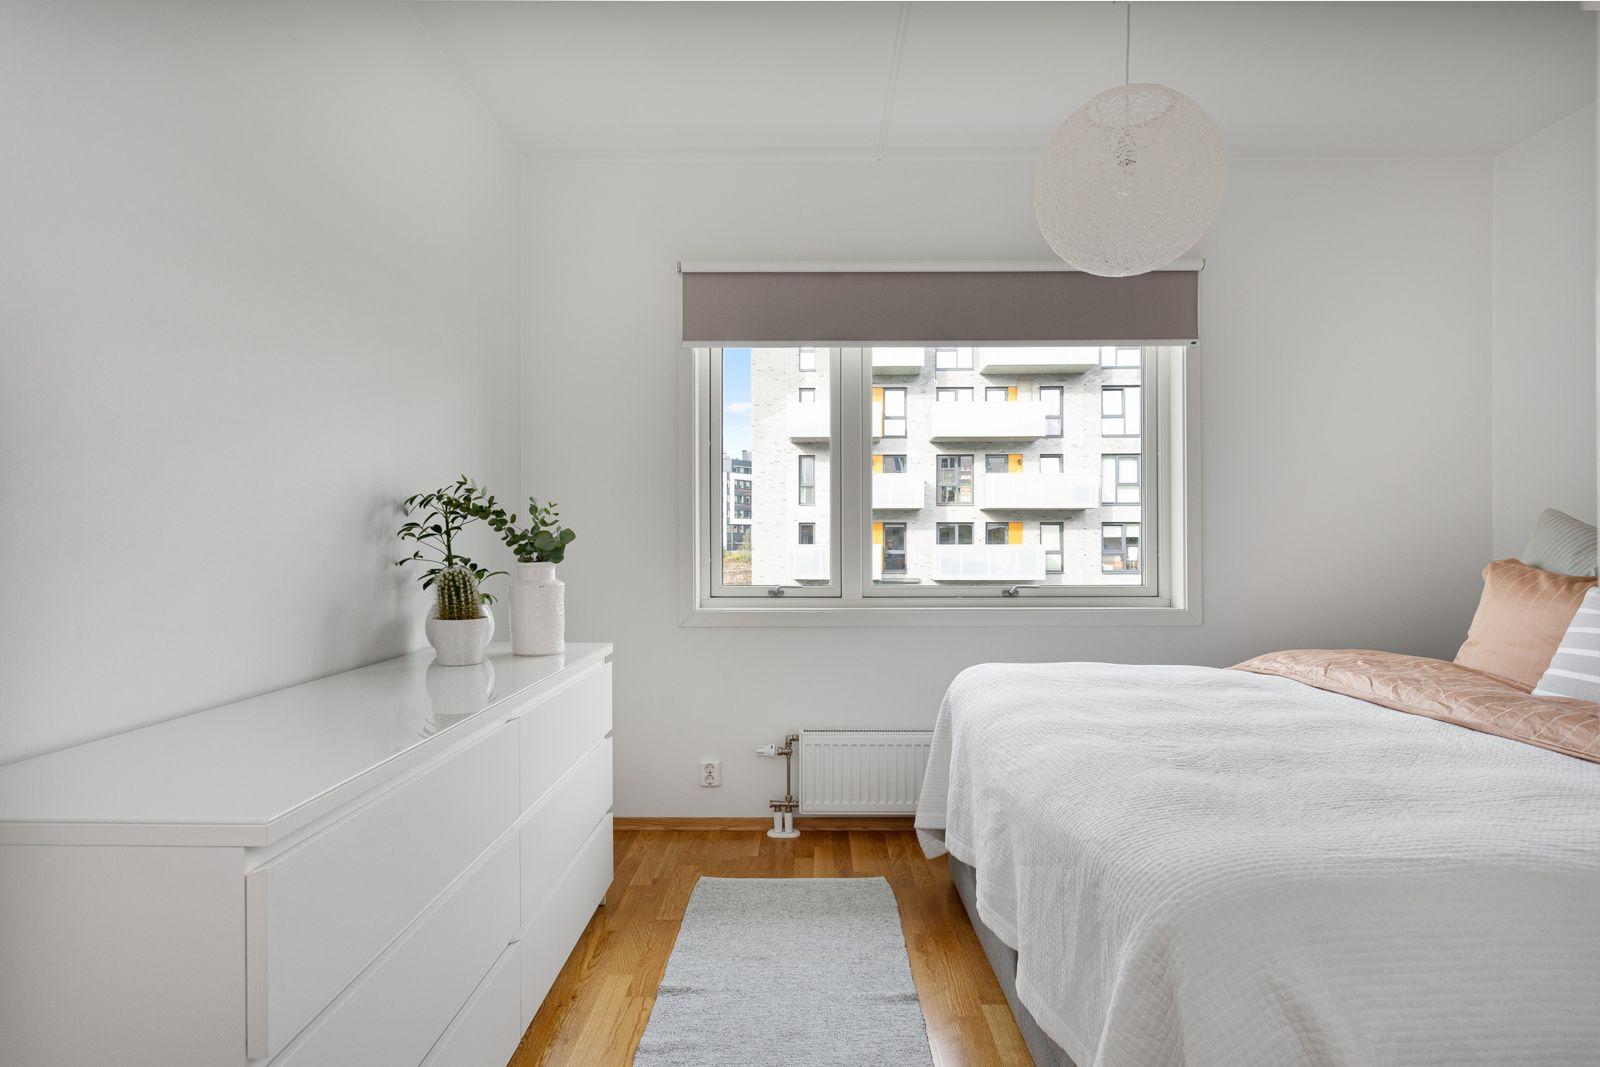 Fernanda Nissens gate 5 B Leiligheten har et lyst og innbydende hovedsoverom som vender ut mot rolige fellesarealer. God standard med parkett på gulv og glatte lysmalte overflater.